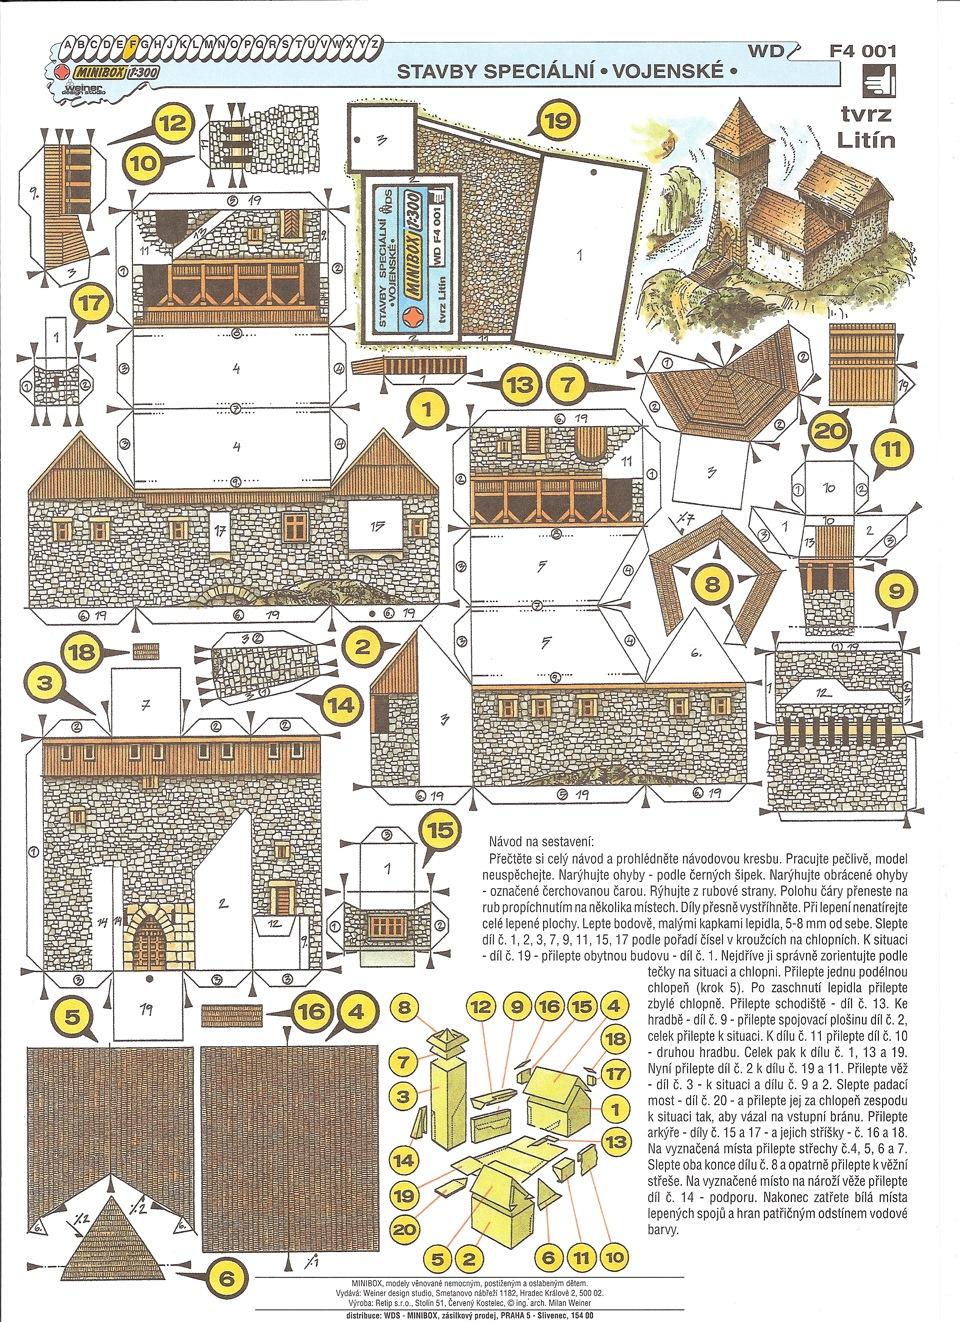 300 Abc Miniboxy Diorama City Part 2 Drive2